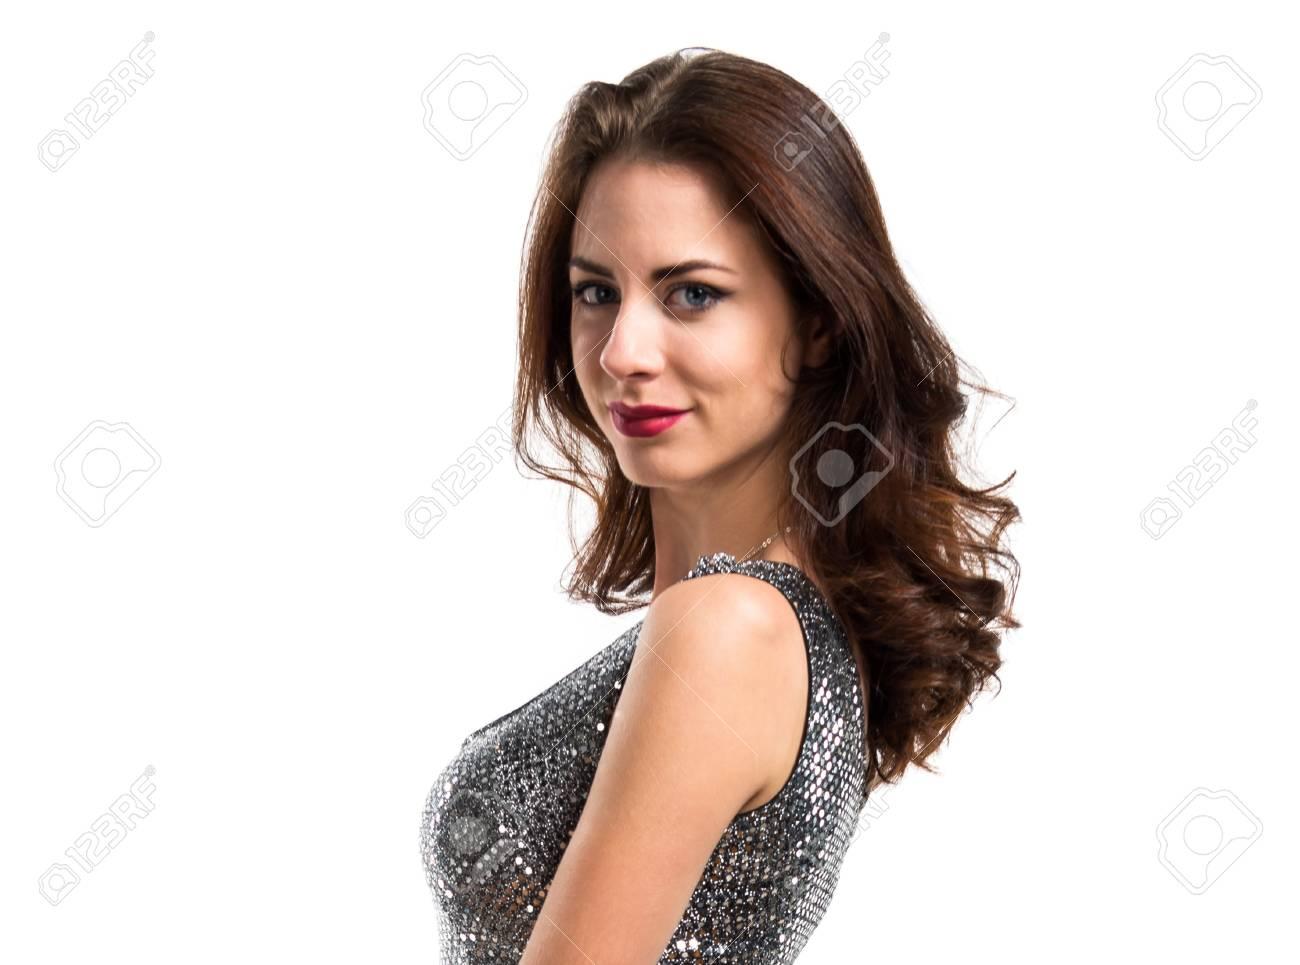 Schöne Frau In Einem Partykleid Lizenzfreie Fotos, Bilder Und Stock ...